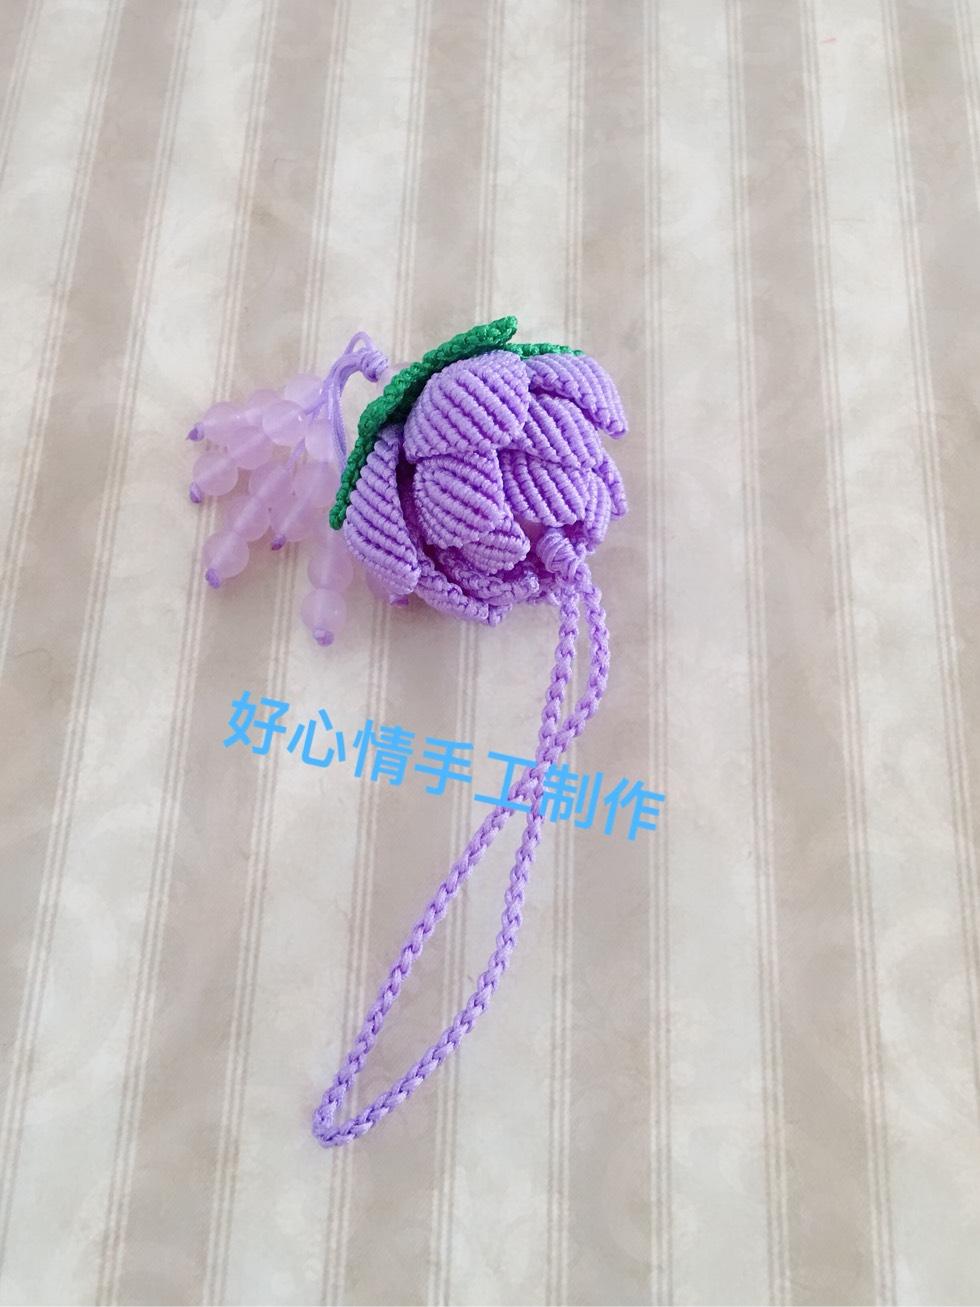 中国结论坛 最近特别喜爱紫色,编不停的节奏 什么样的女人喜欢紫色,紫色的含义和象征,心理学上喜欢紫色的人,喜欢紫色的男人 作品展示 172452t8cf2invc29u2u99